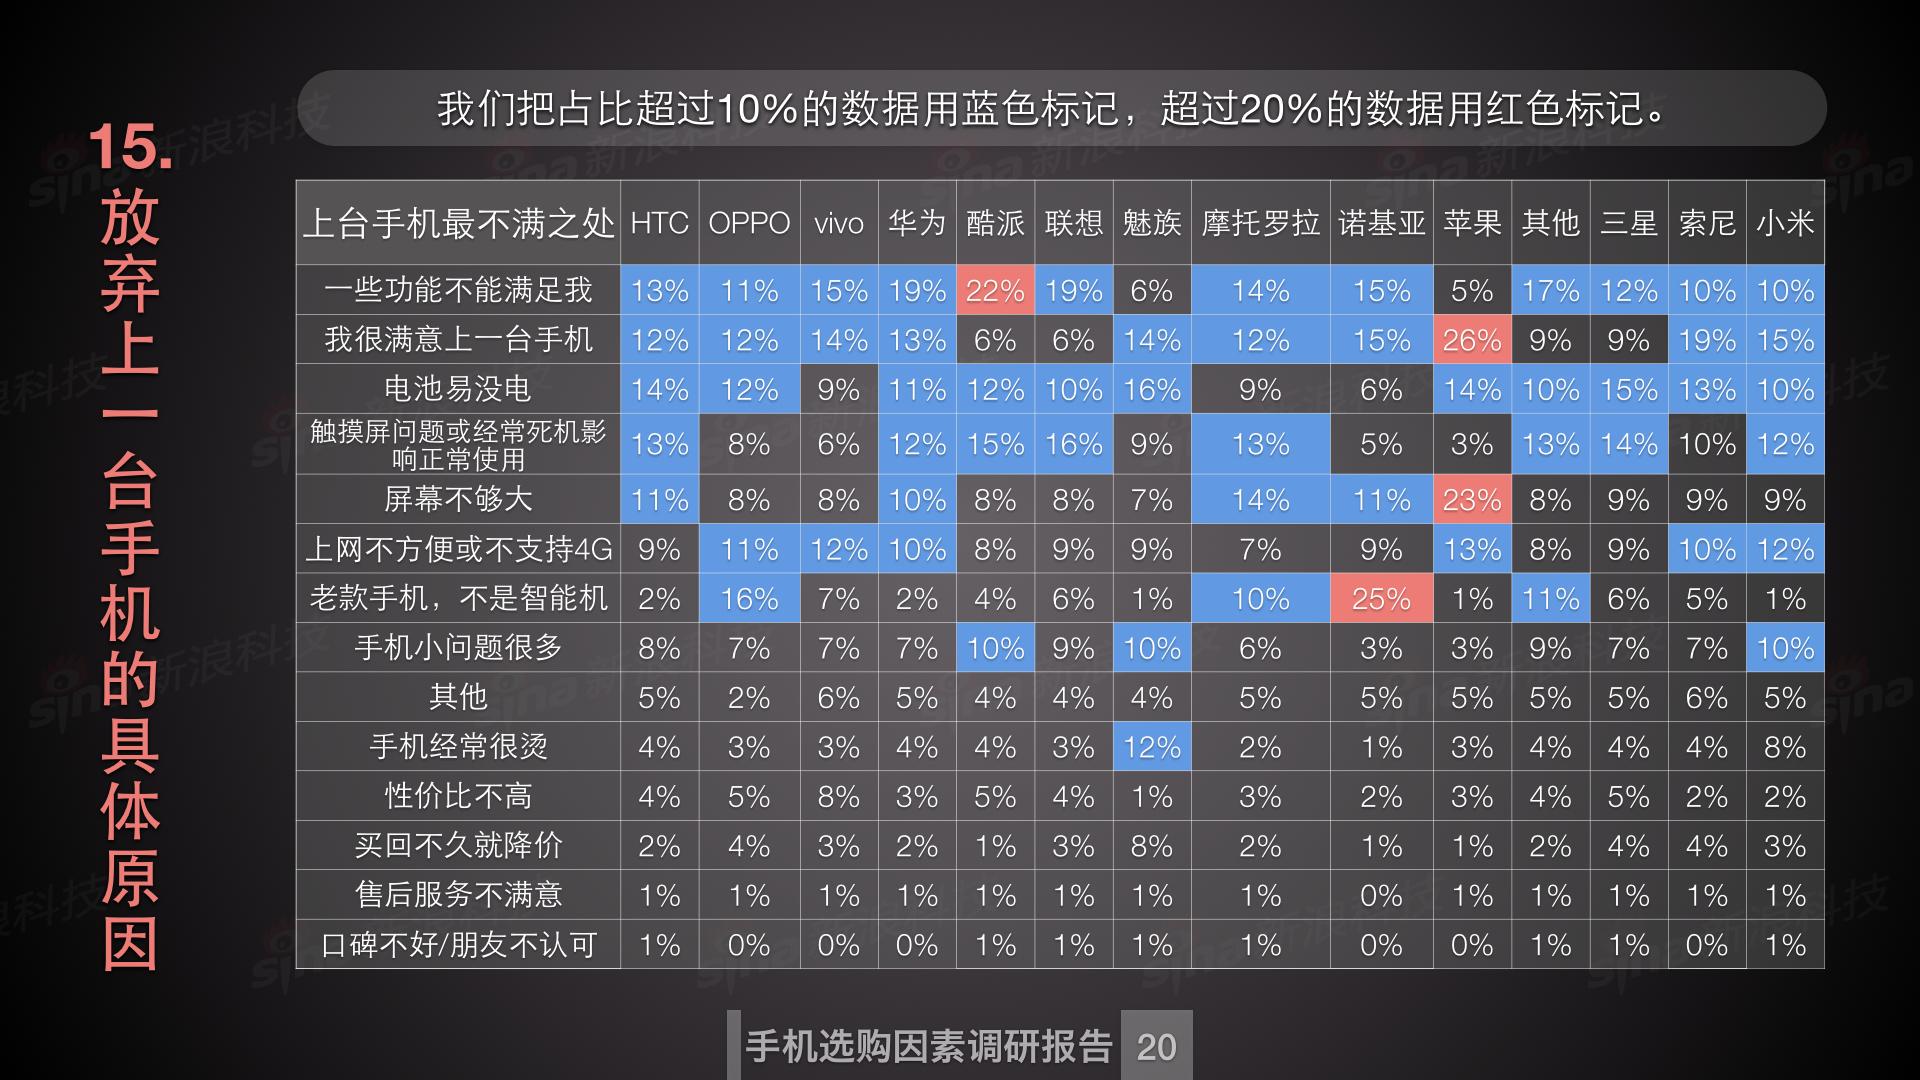 新浪科技数据中心_购买手机因素调研.021